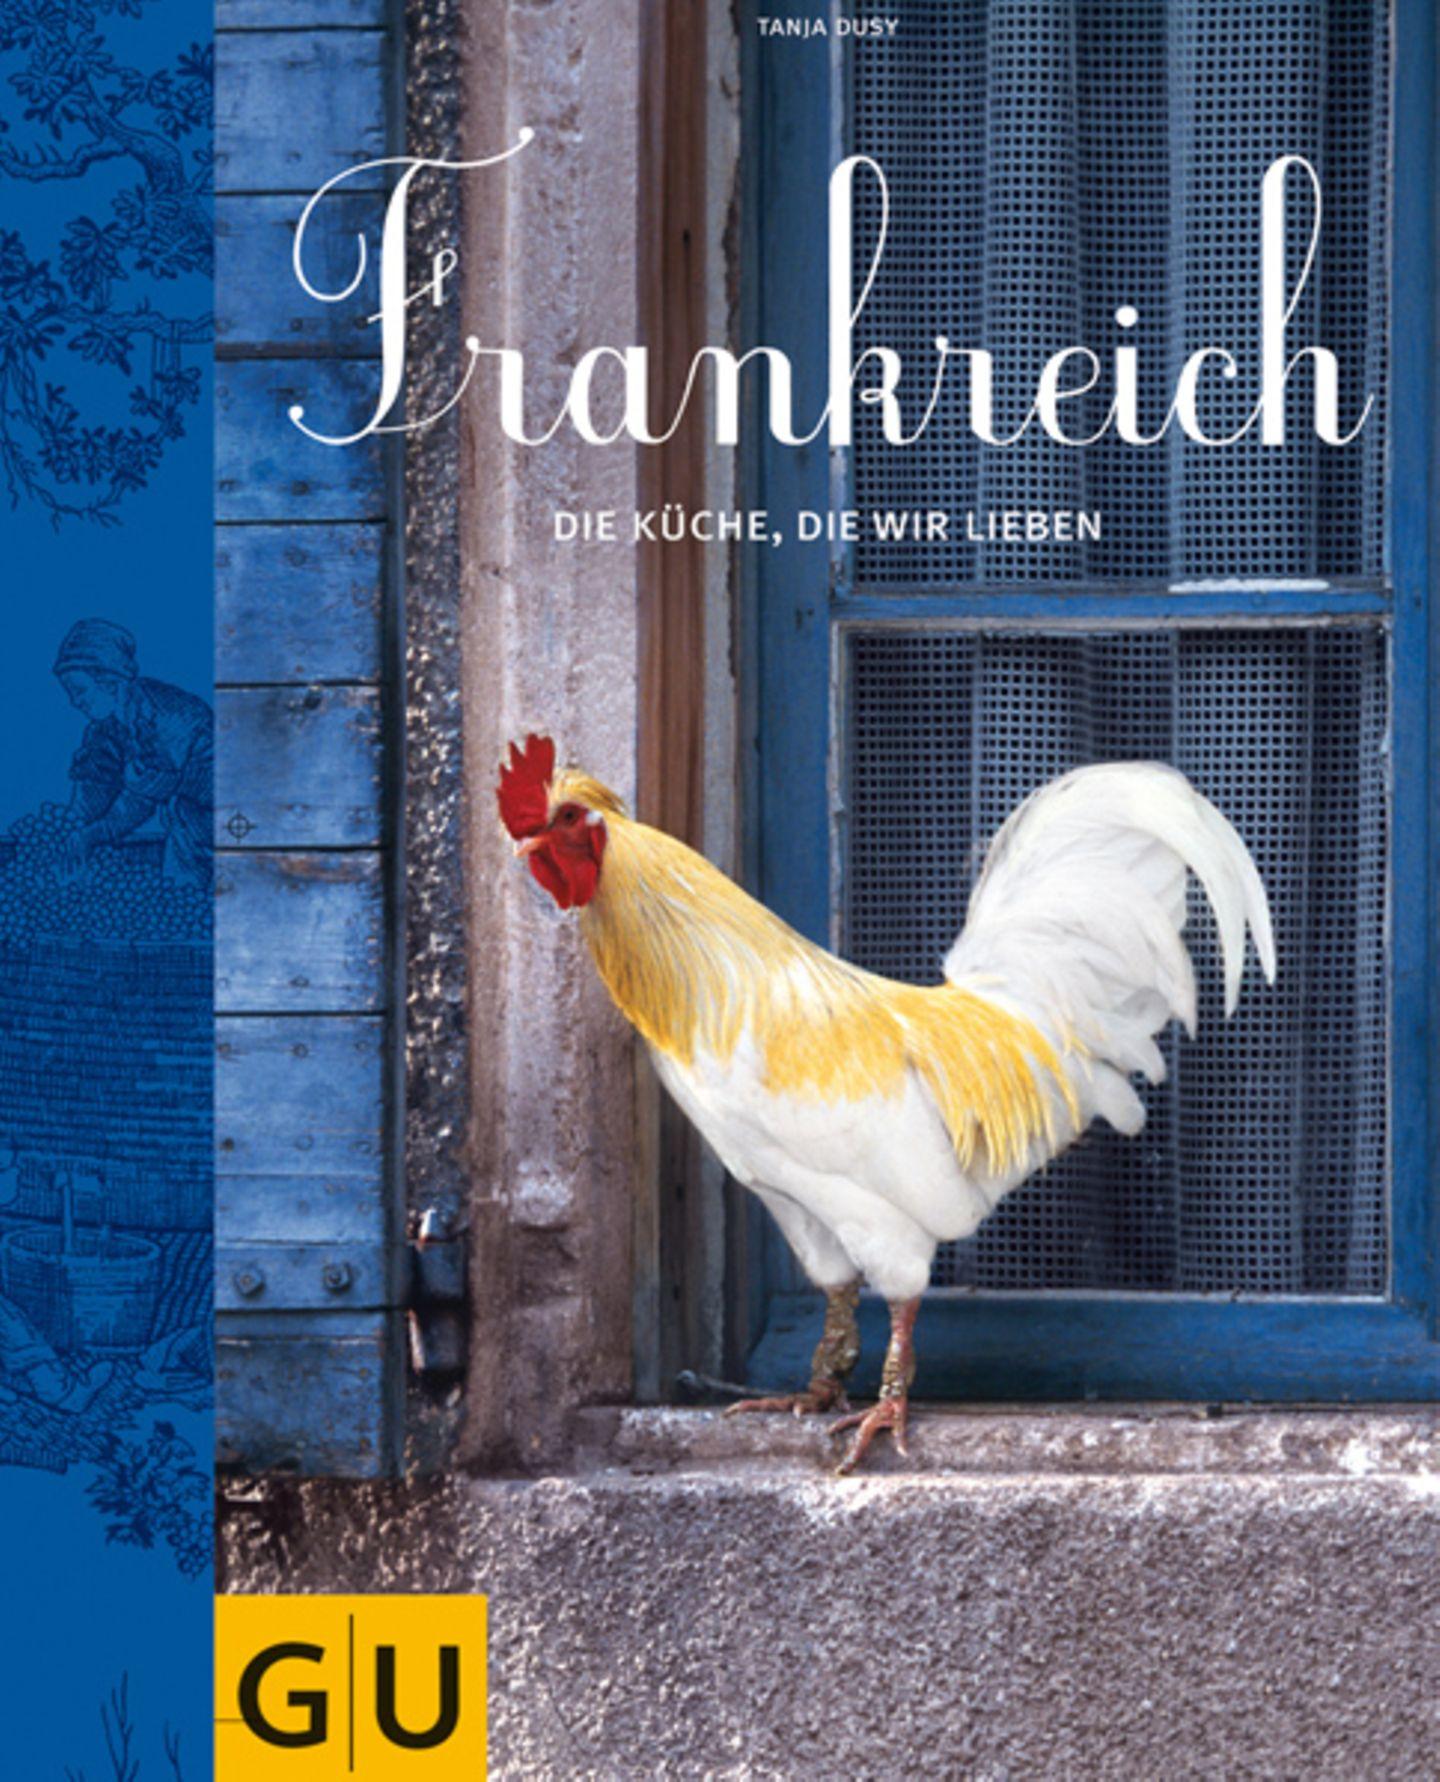 Frankreich - die Küche, die wir lieben